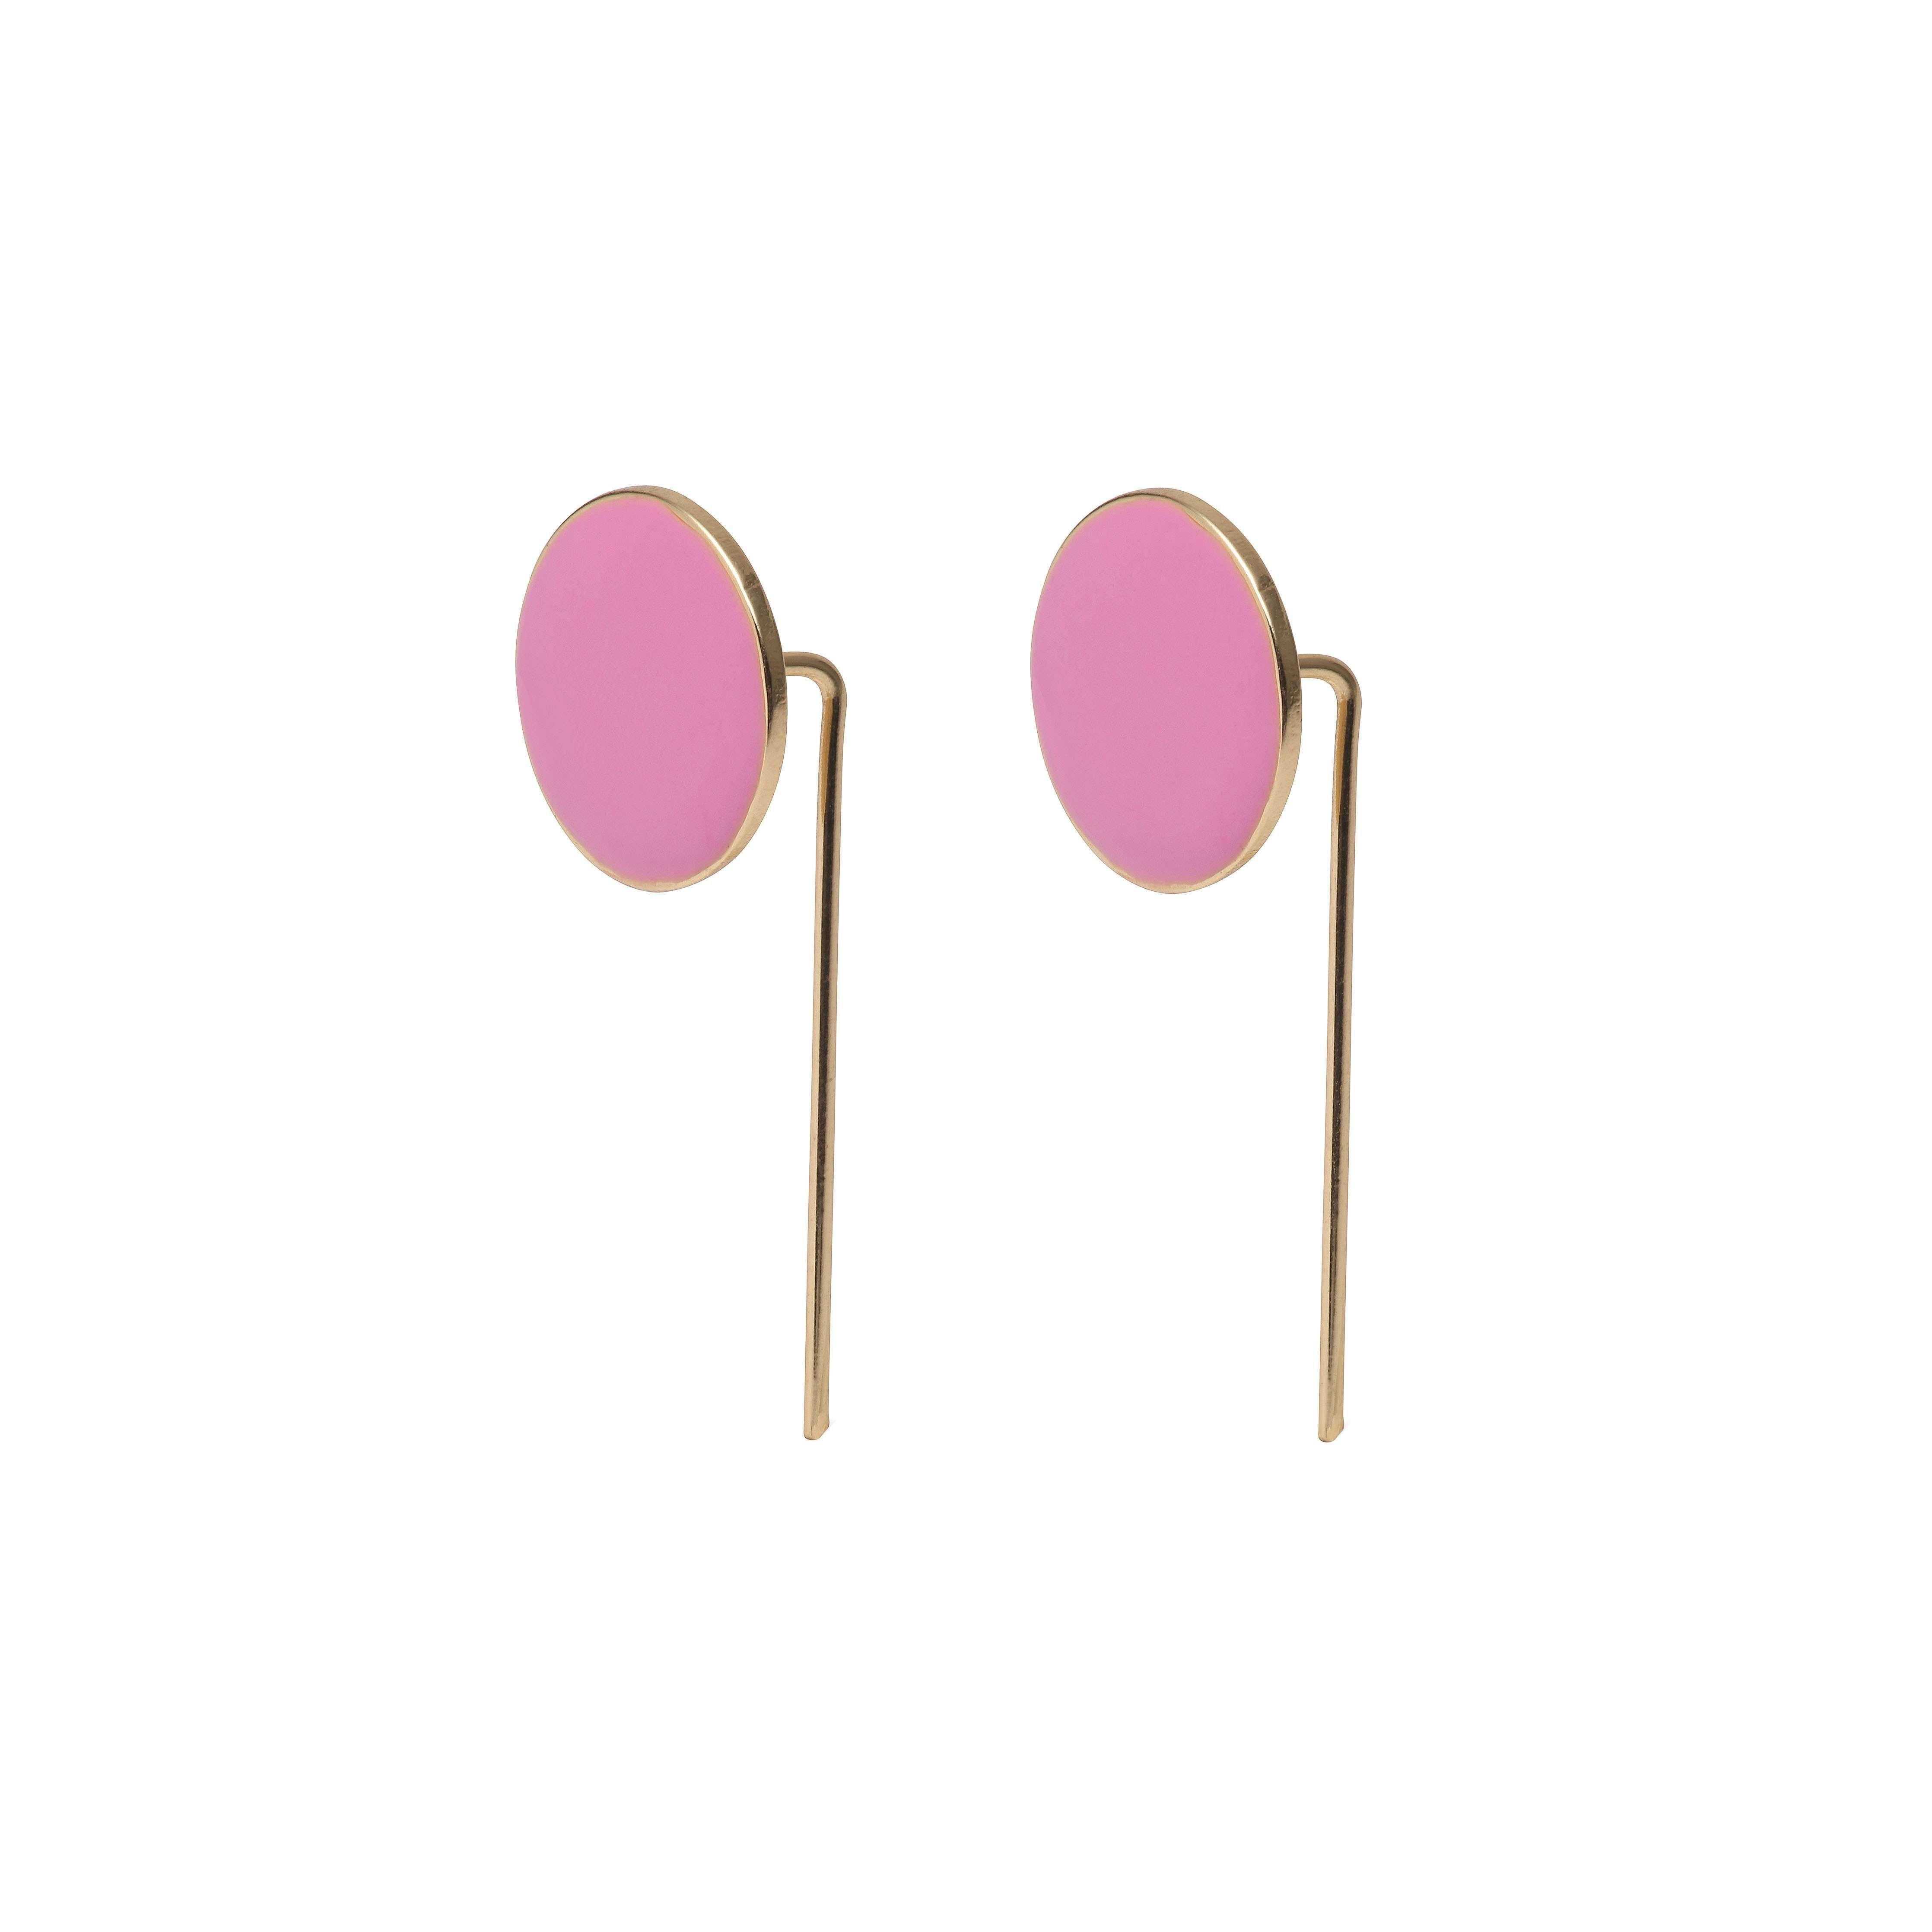 Örhängen   Earrings   Guldpläterad   Pink  33548b249634a